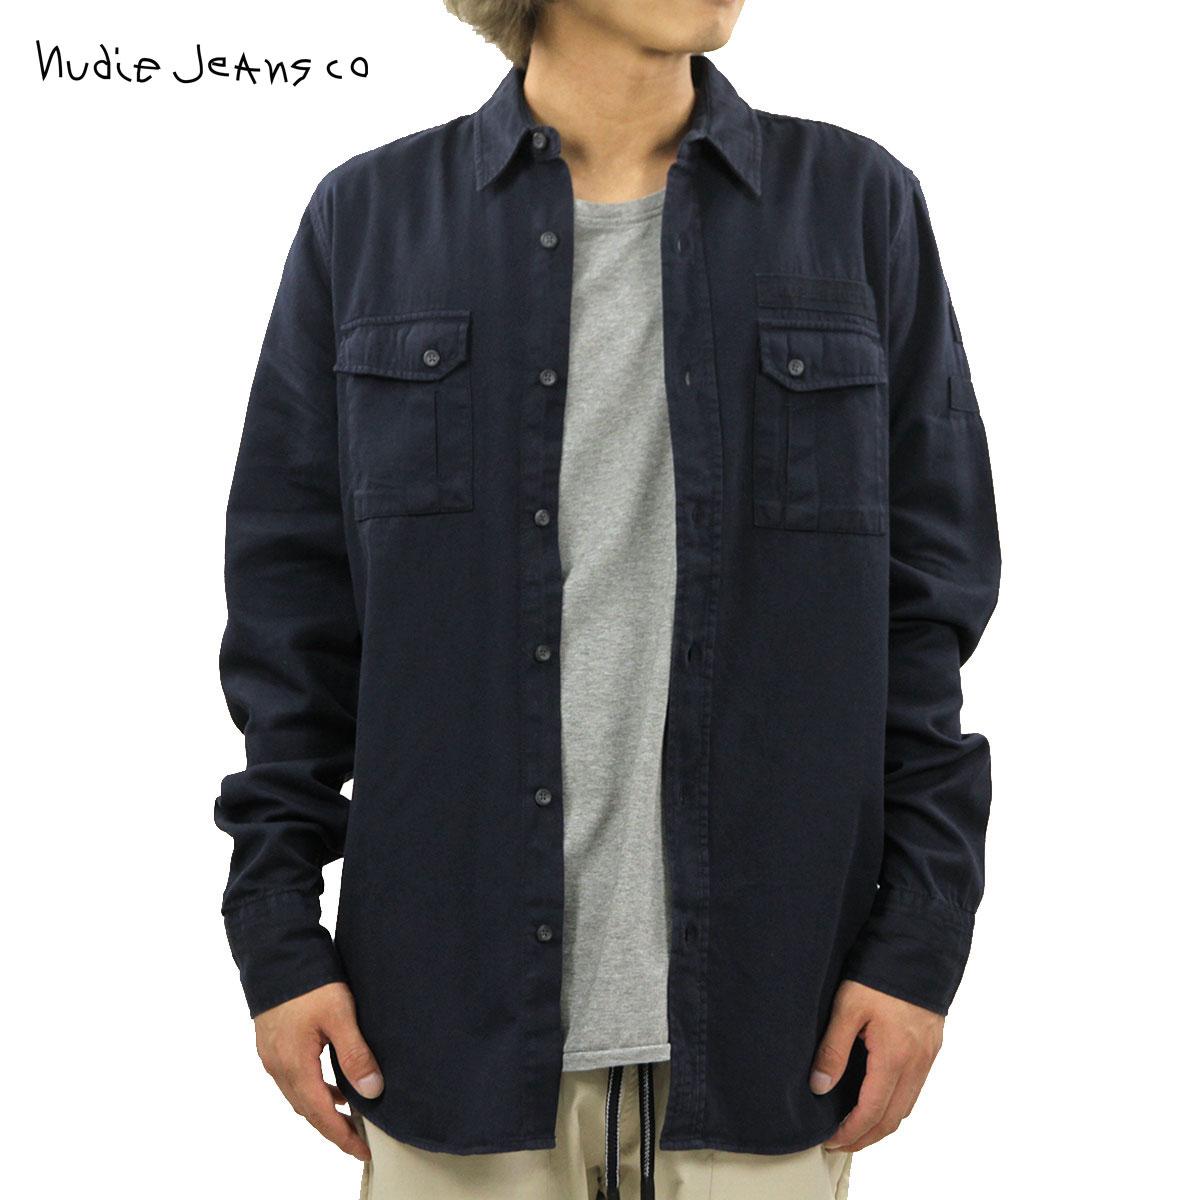 ヌーディージーンズ Nudie Jeans 正規販売店 メンズ 長袖シャツ Gunnar B25 Navy 140445 D00S20